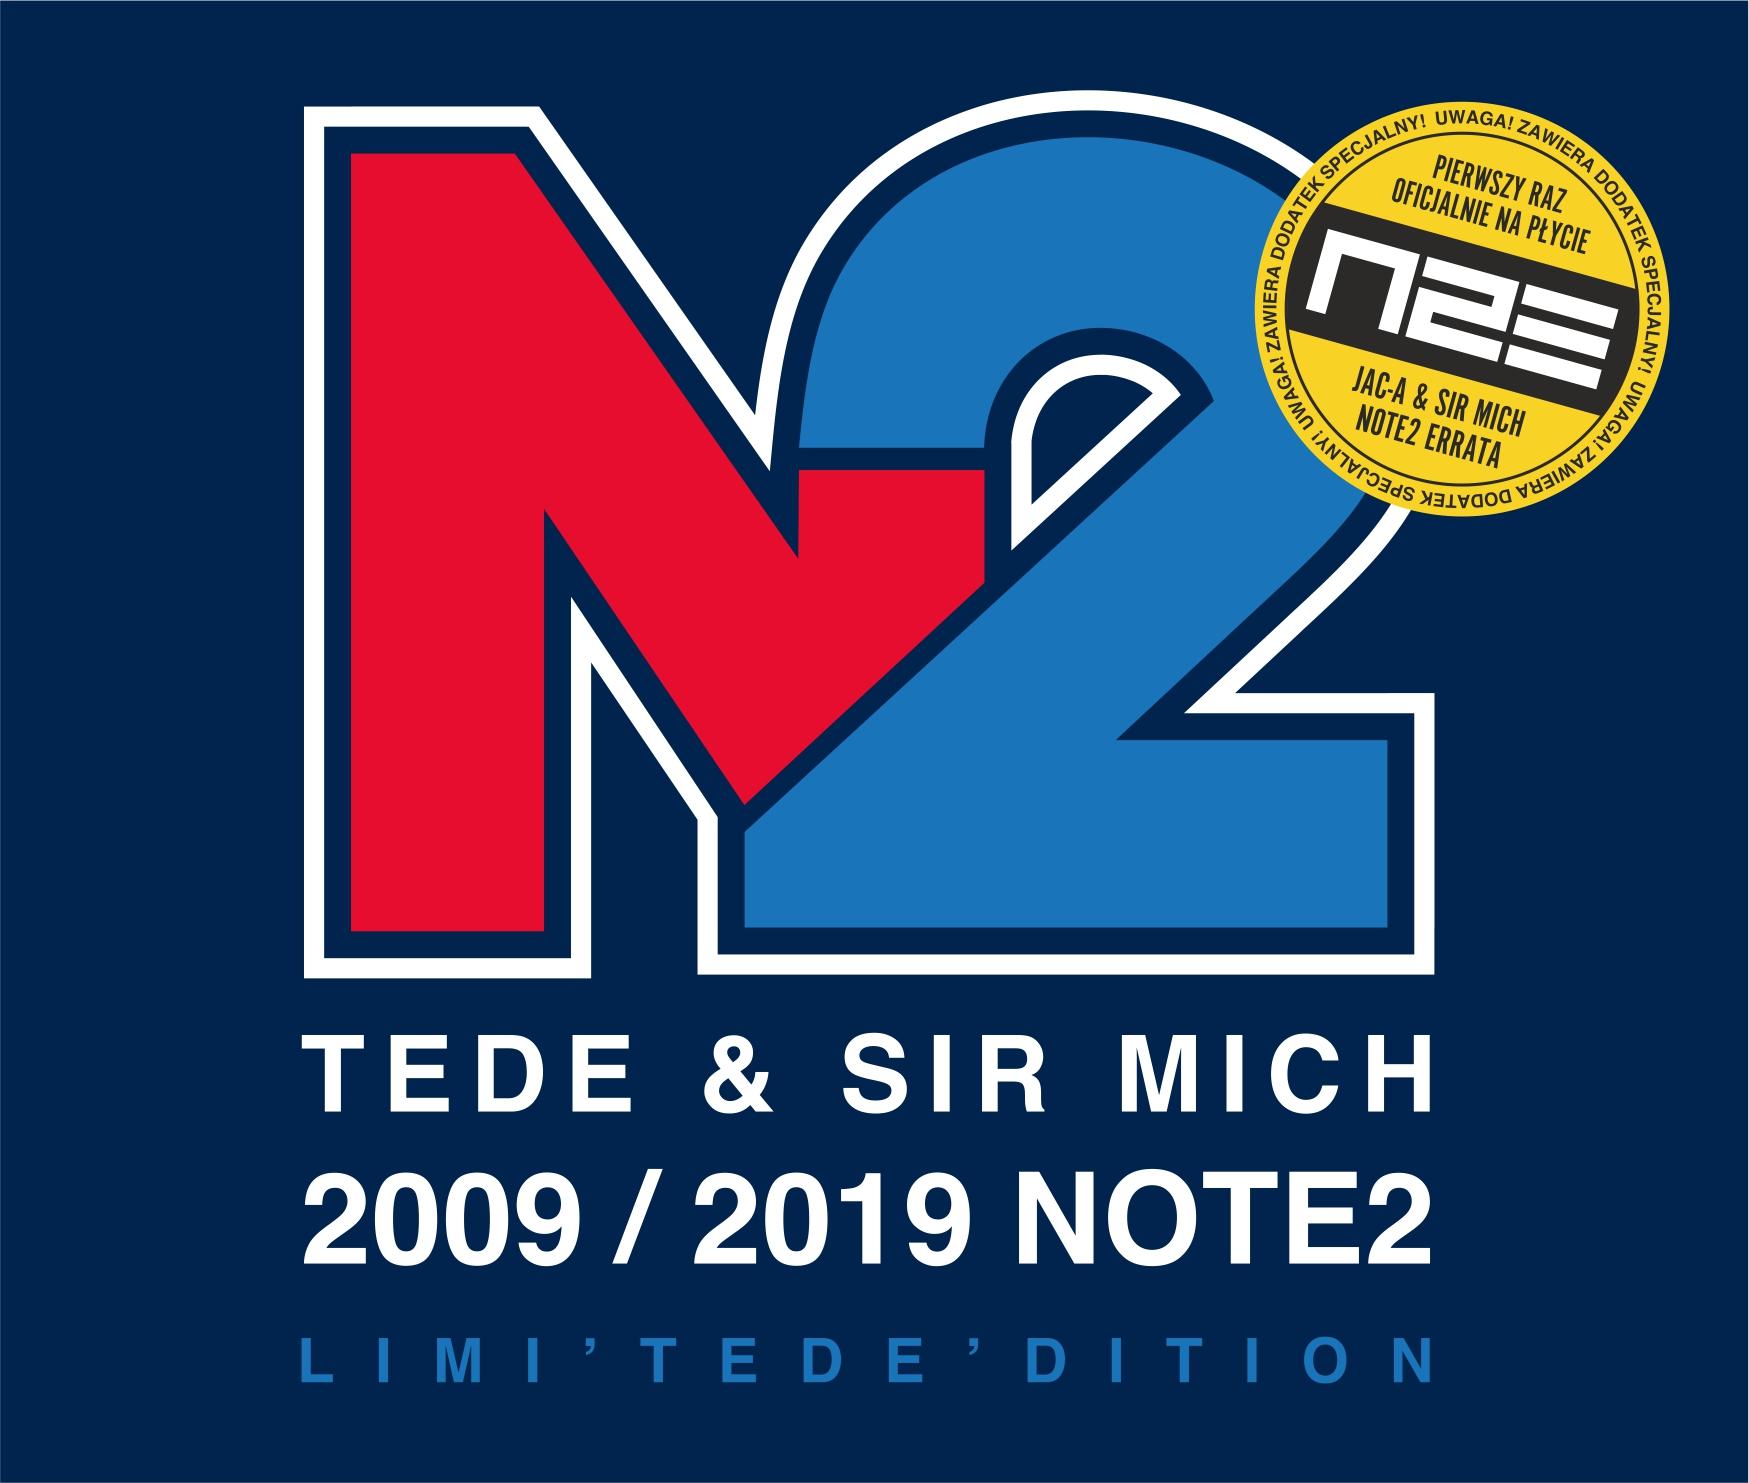 Tede & Sir Mich Note2 2009-2019: Jubileuszowa reedycja płyty z minialbumem  NOTE2 Errata!